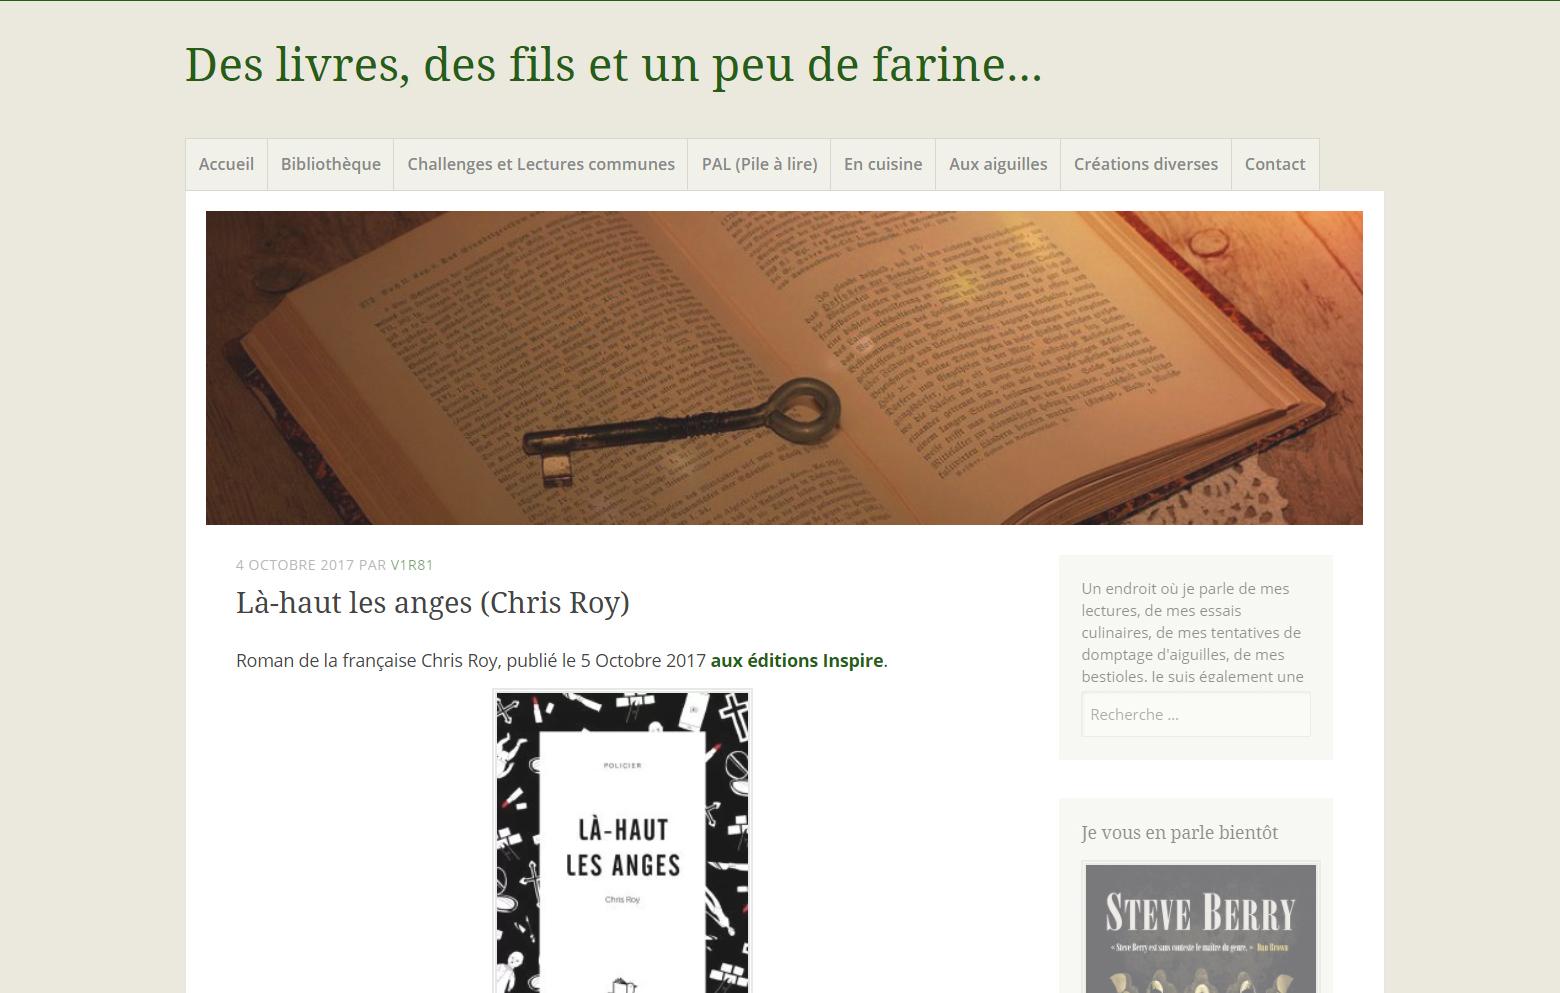 Des livres, des fils et un peu de farine : Là-haut les anges, de Chris Roy